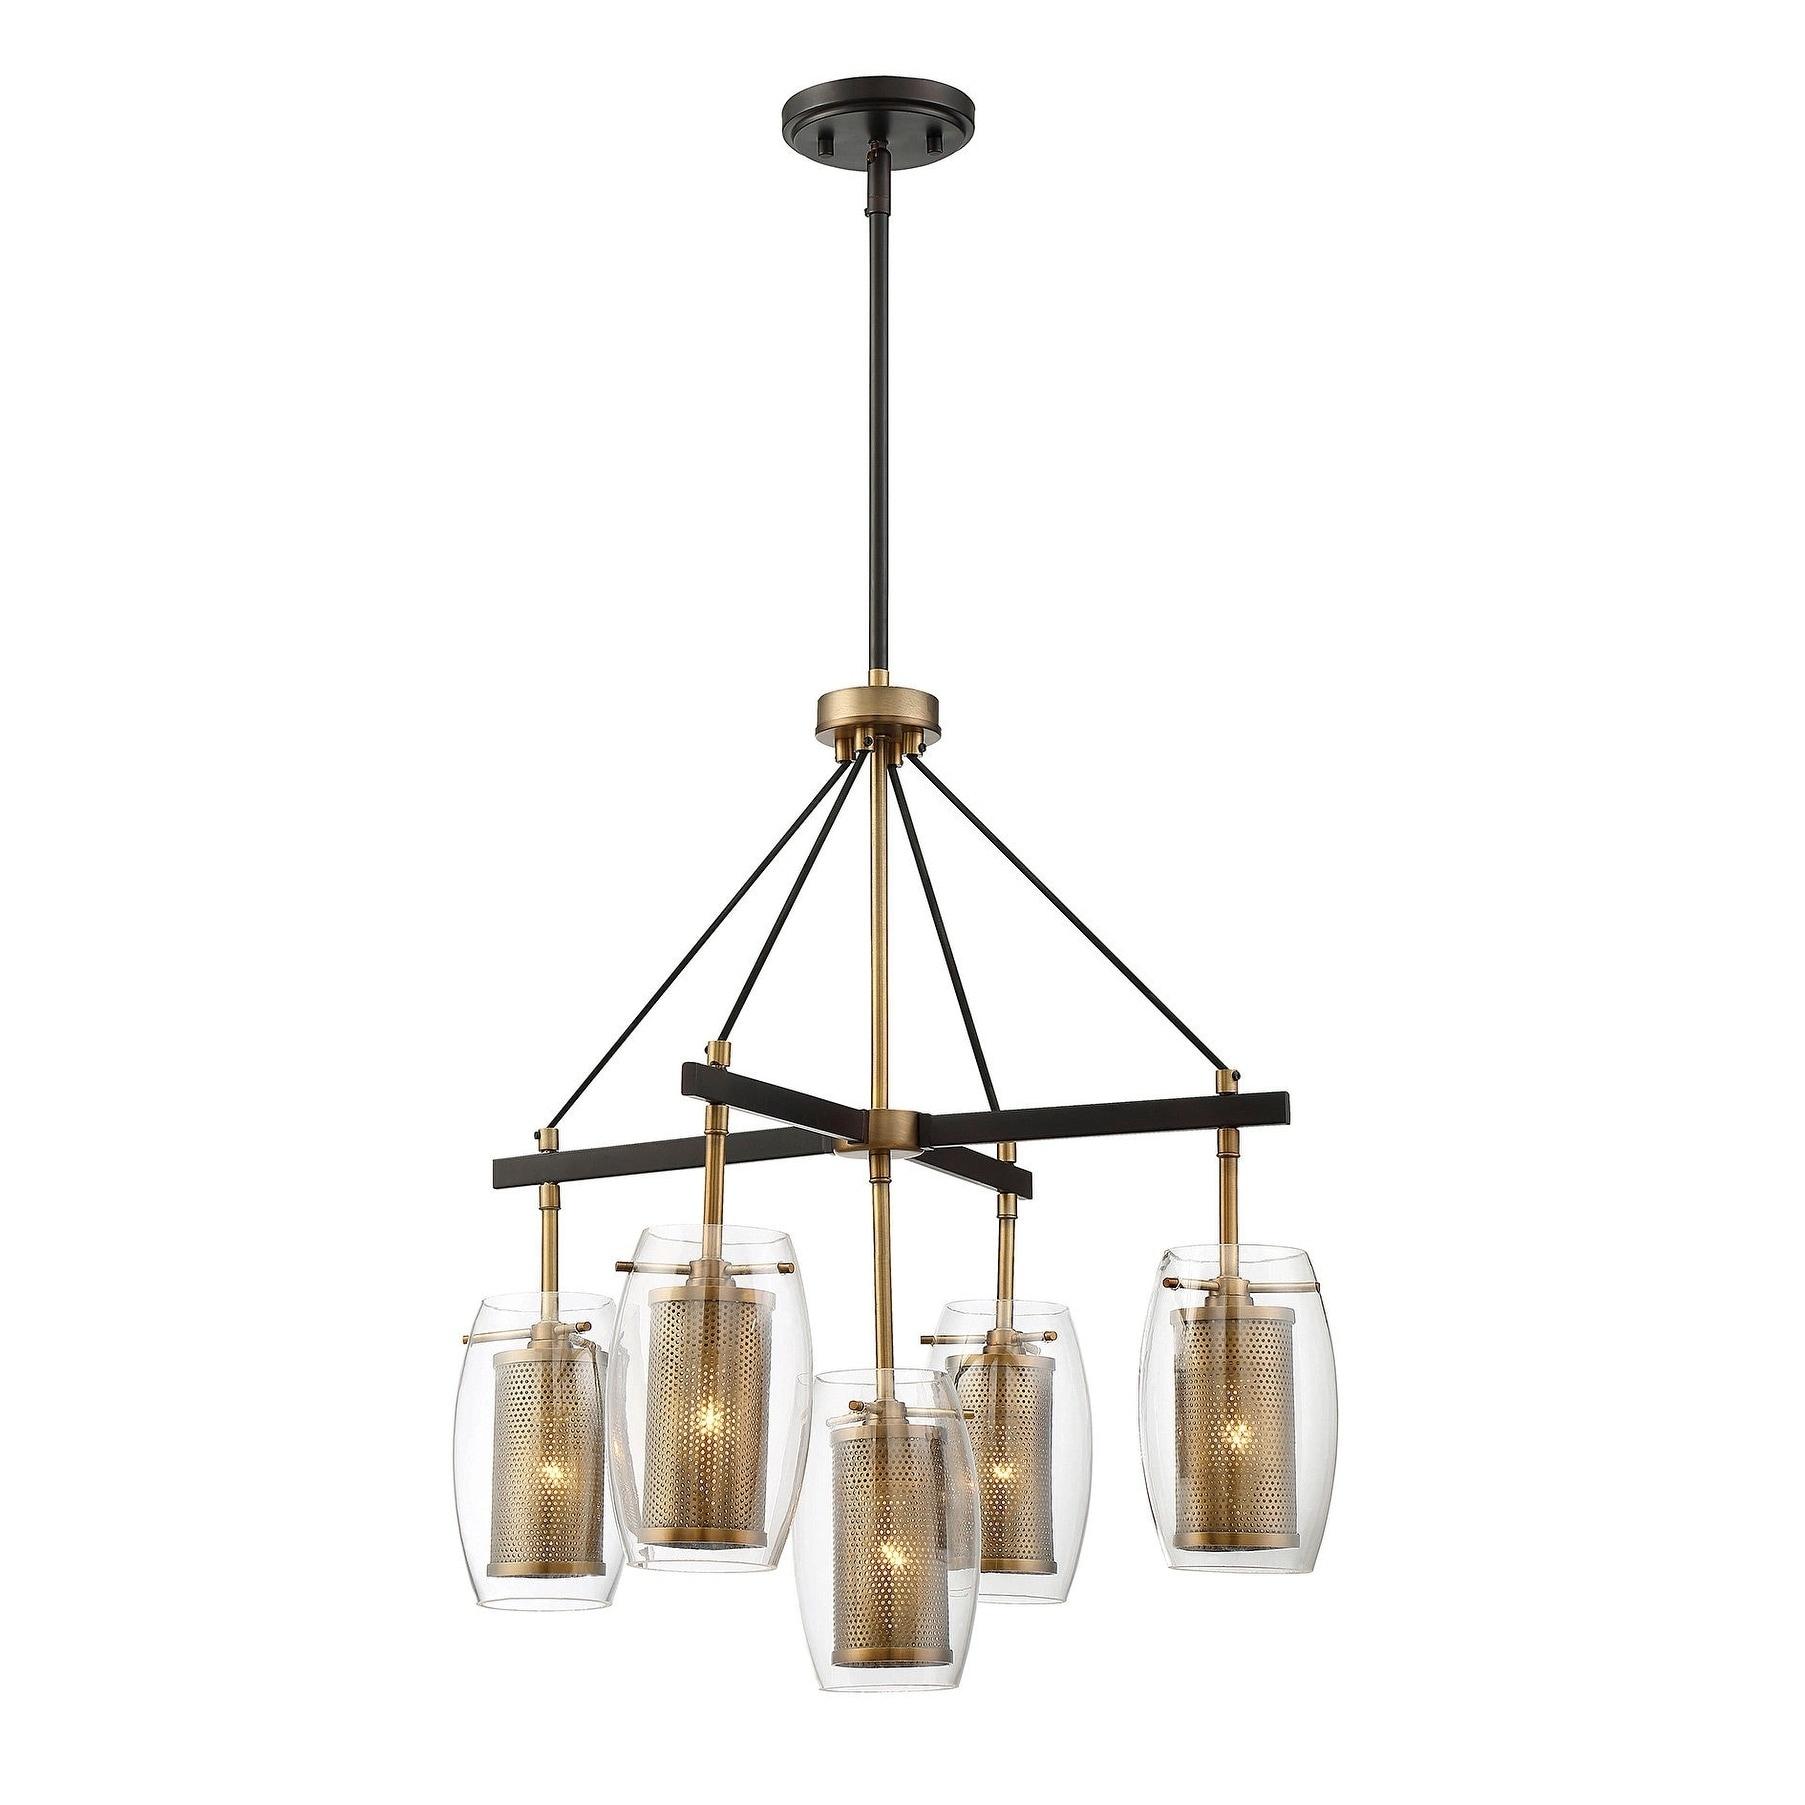 Dunbar 5 Light Pendant Warm Brass w/ Bronze accents